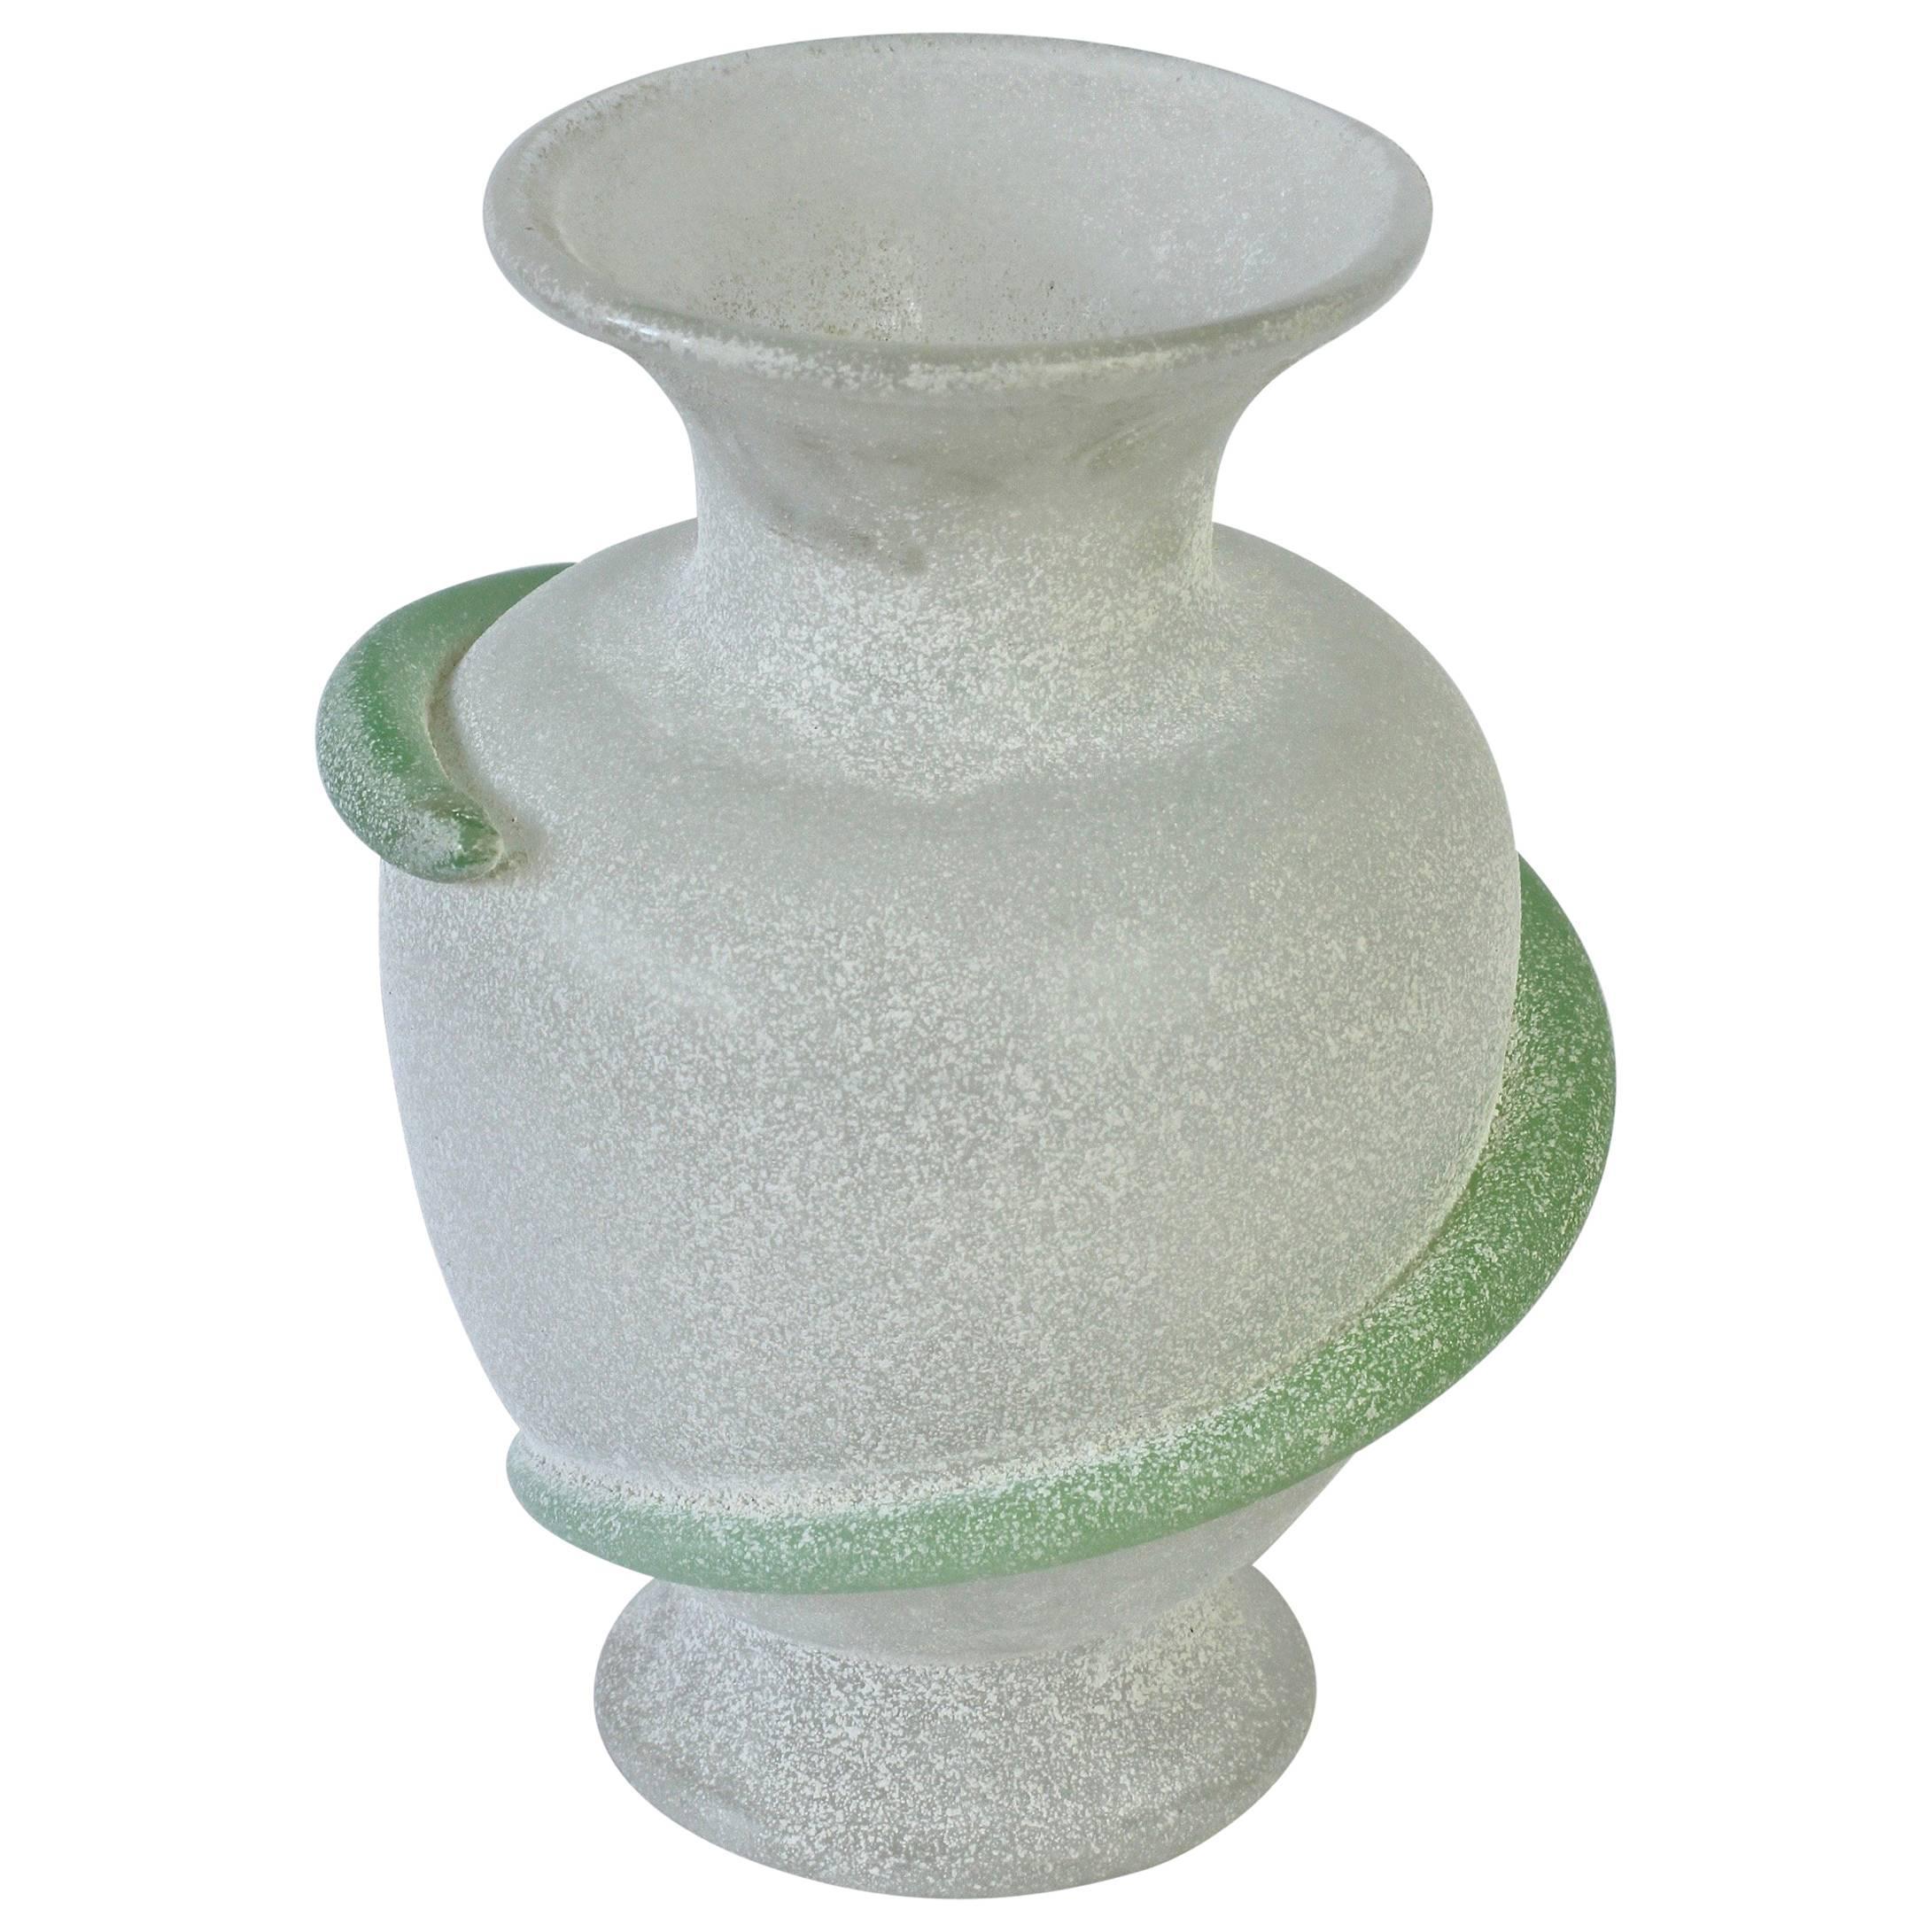 Seguso Vetri d'Arte Attributed White 'a Scavo' Murano Glass Vase